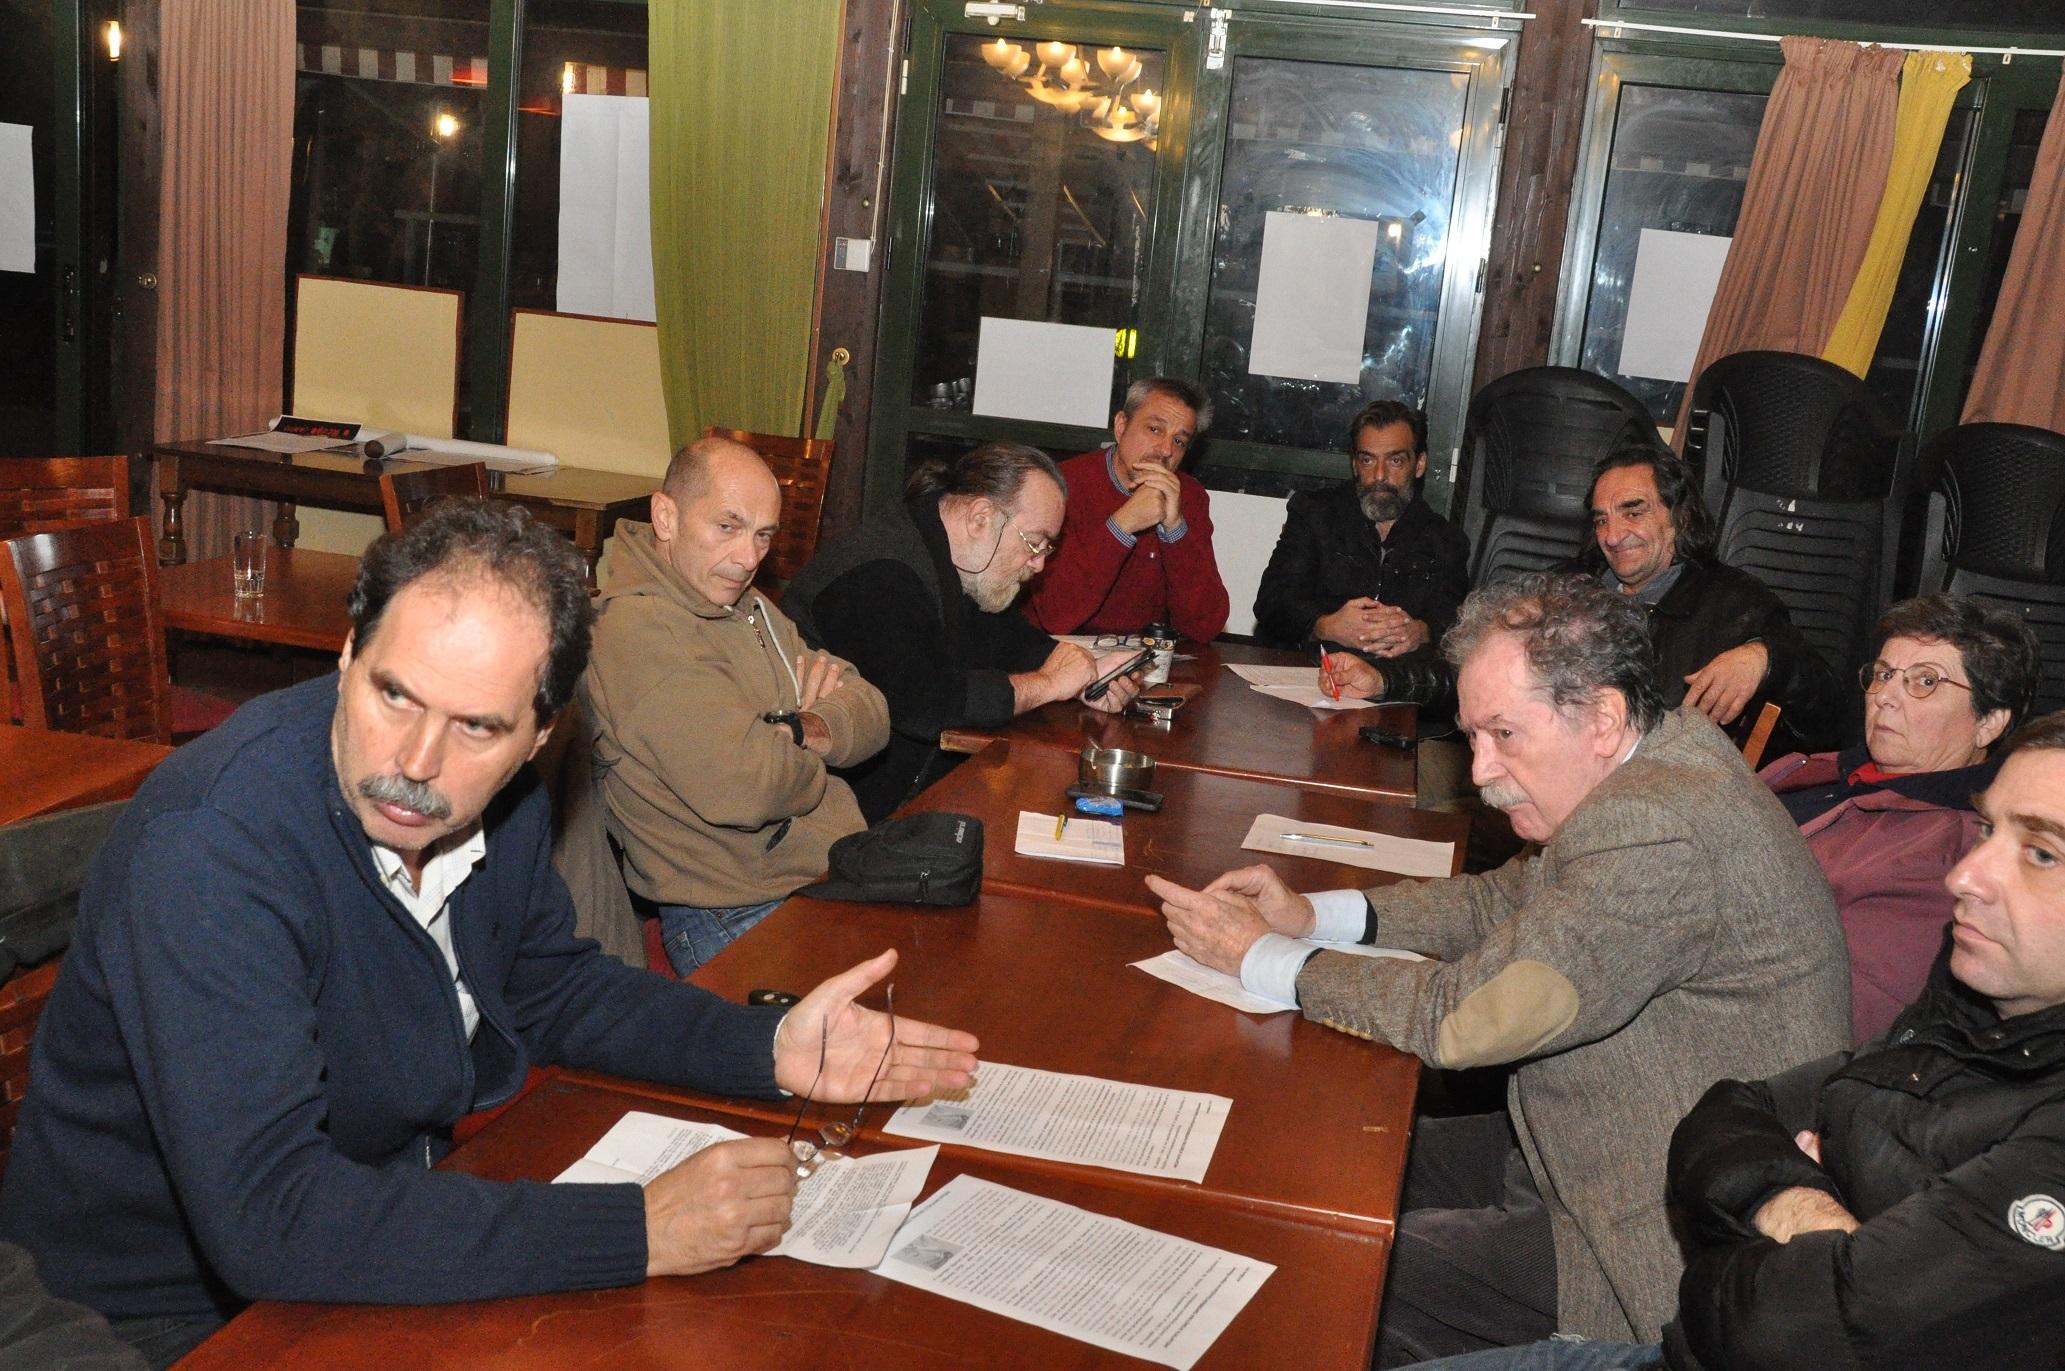 Κοινή ανακοίνωση – κάλεσμα με αίτημα την ανάκληση της απόφασης του Δήμου Βύρωνα